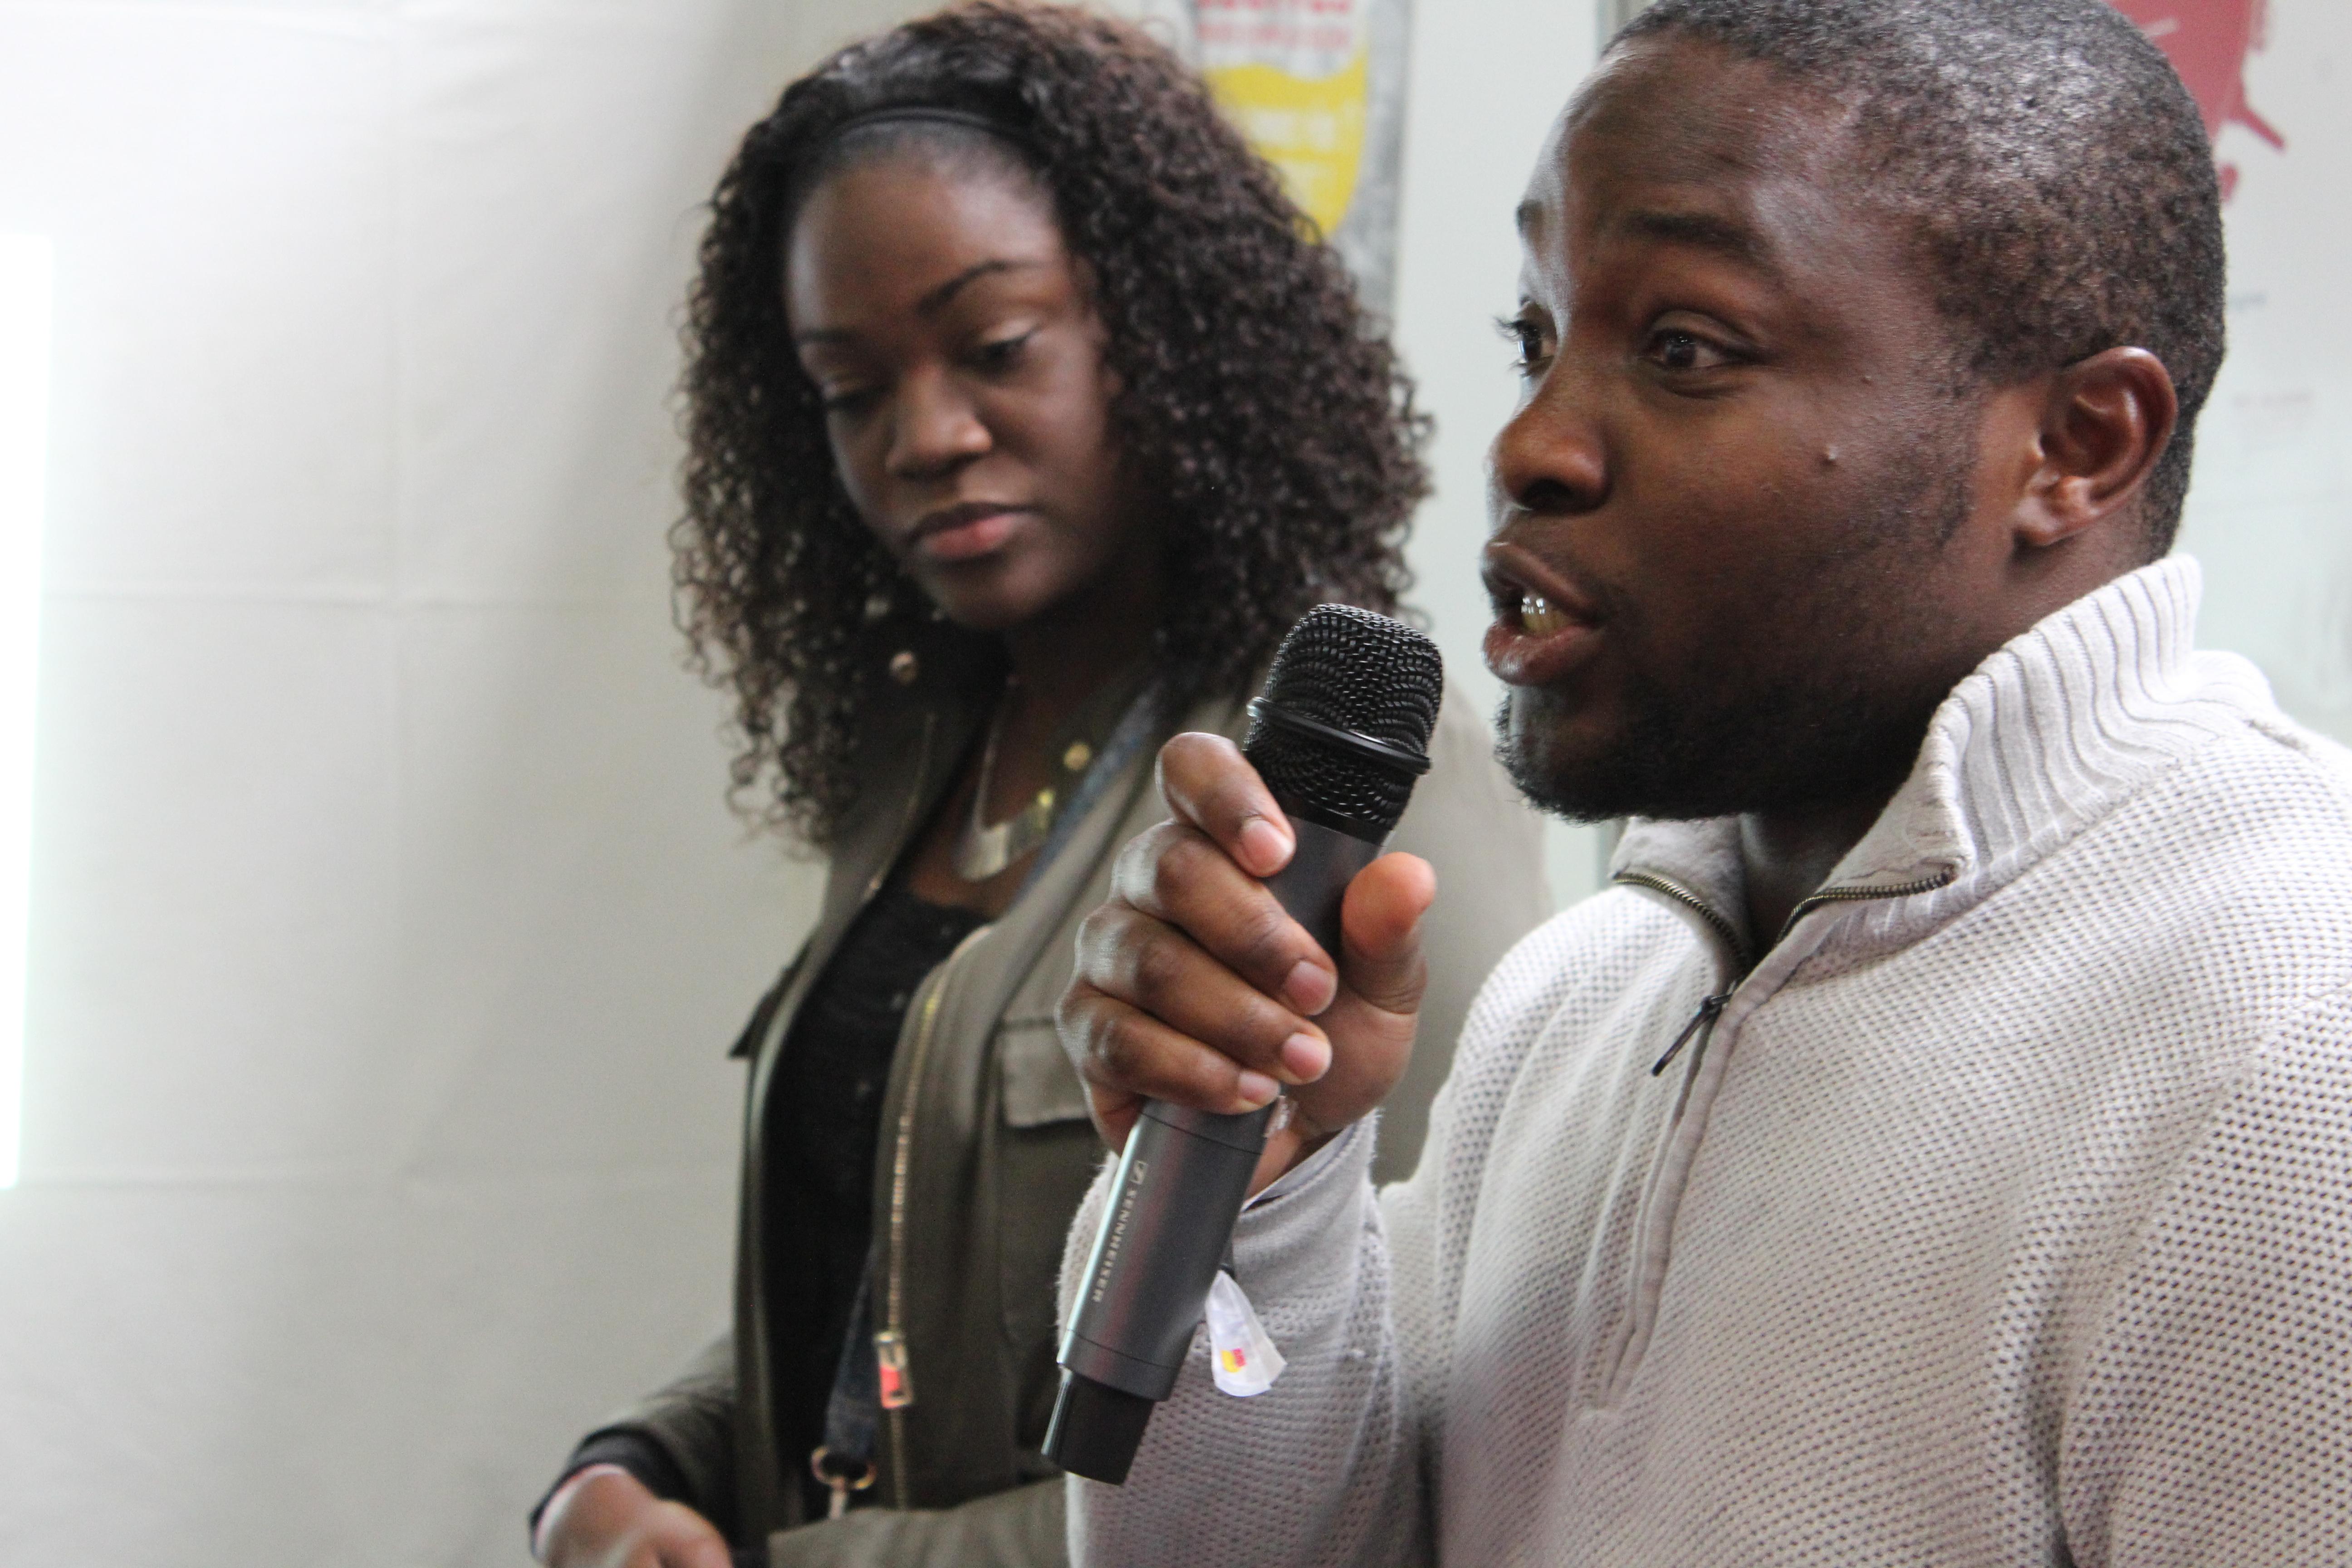 Favoriser la participation des salarié·e·s à la prise de décision dans l'entreprise - Jeunesse Ouvrière Chrétienne